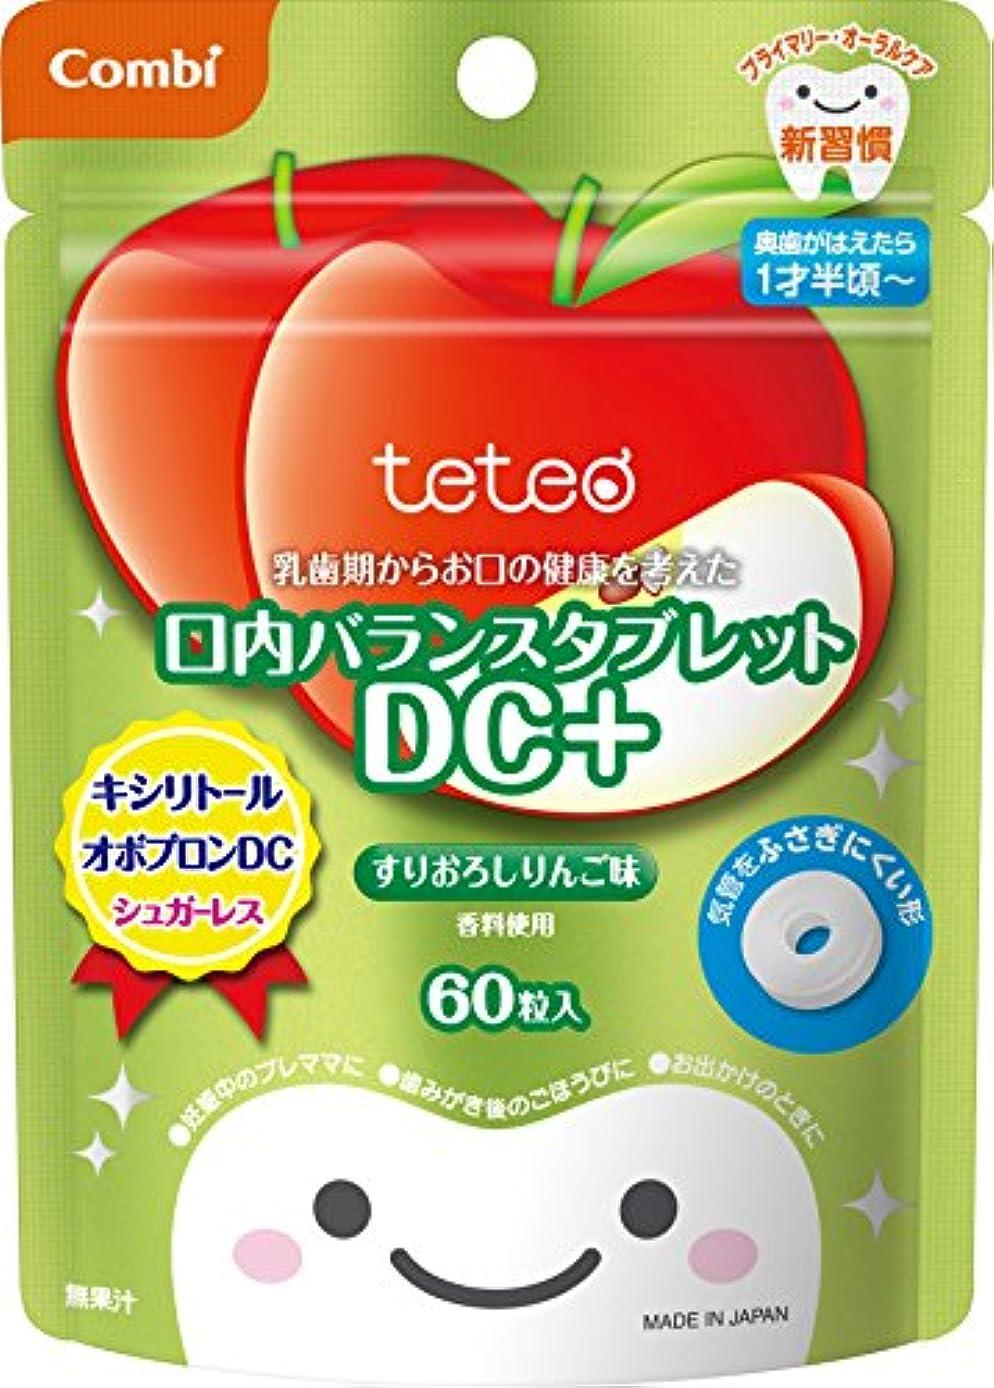 食料品店バスに話すコンビ テテオ 乳歯期からお口の健康を考えた 口内バランスタブレット DC+ すりおろしりんご味 60粒入